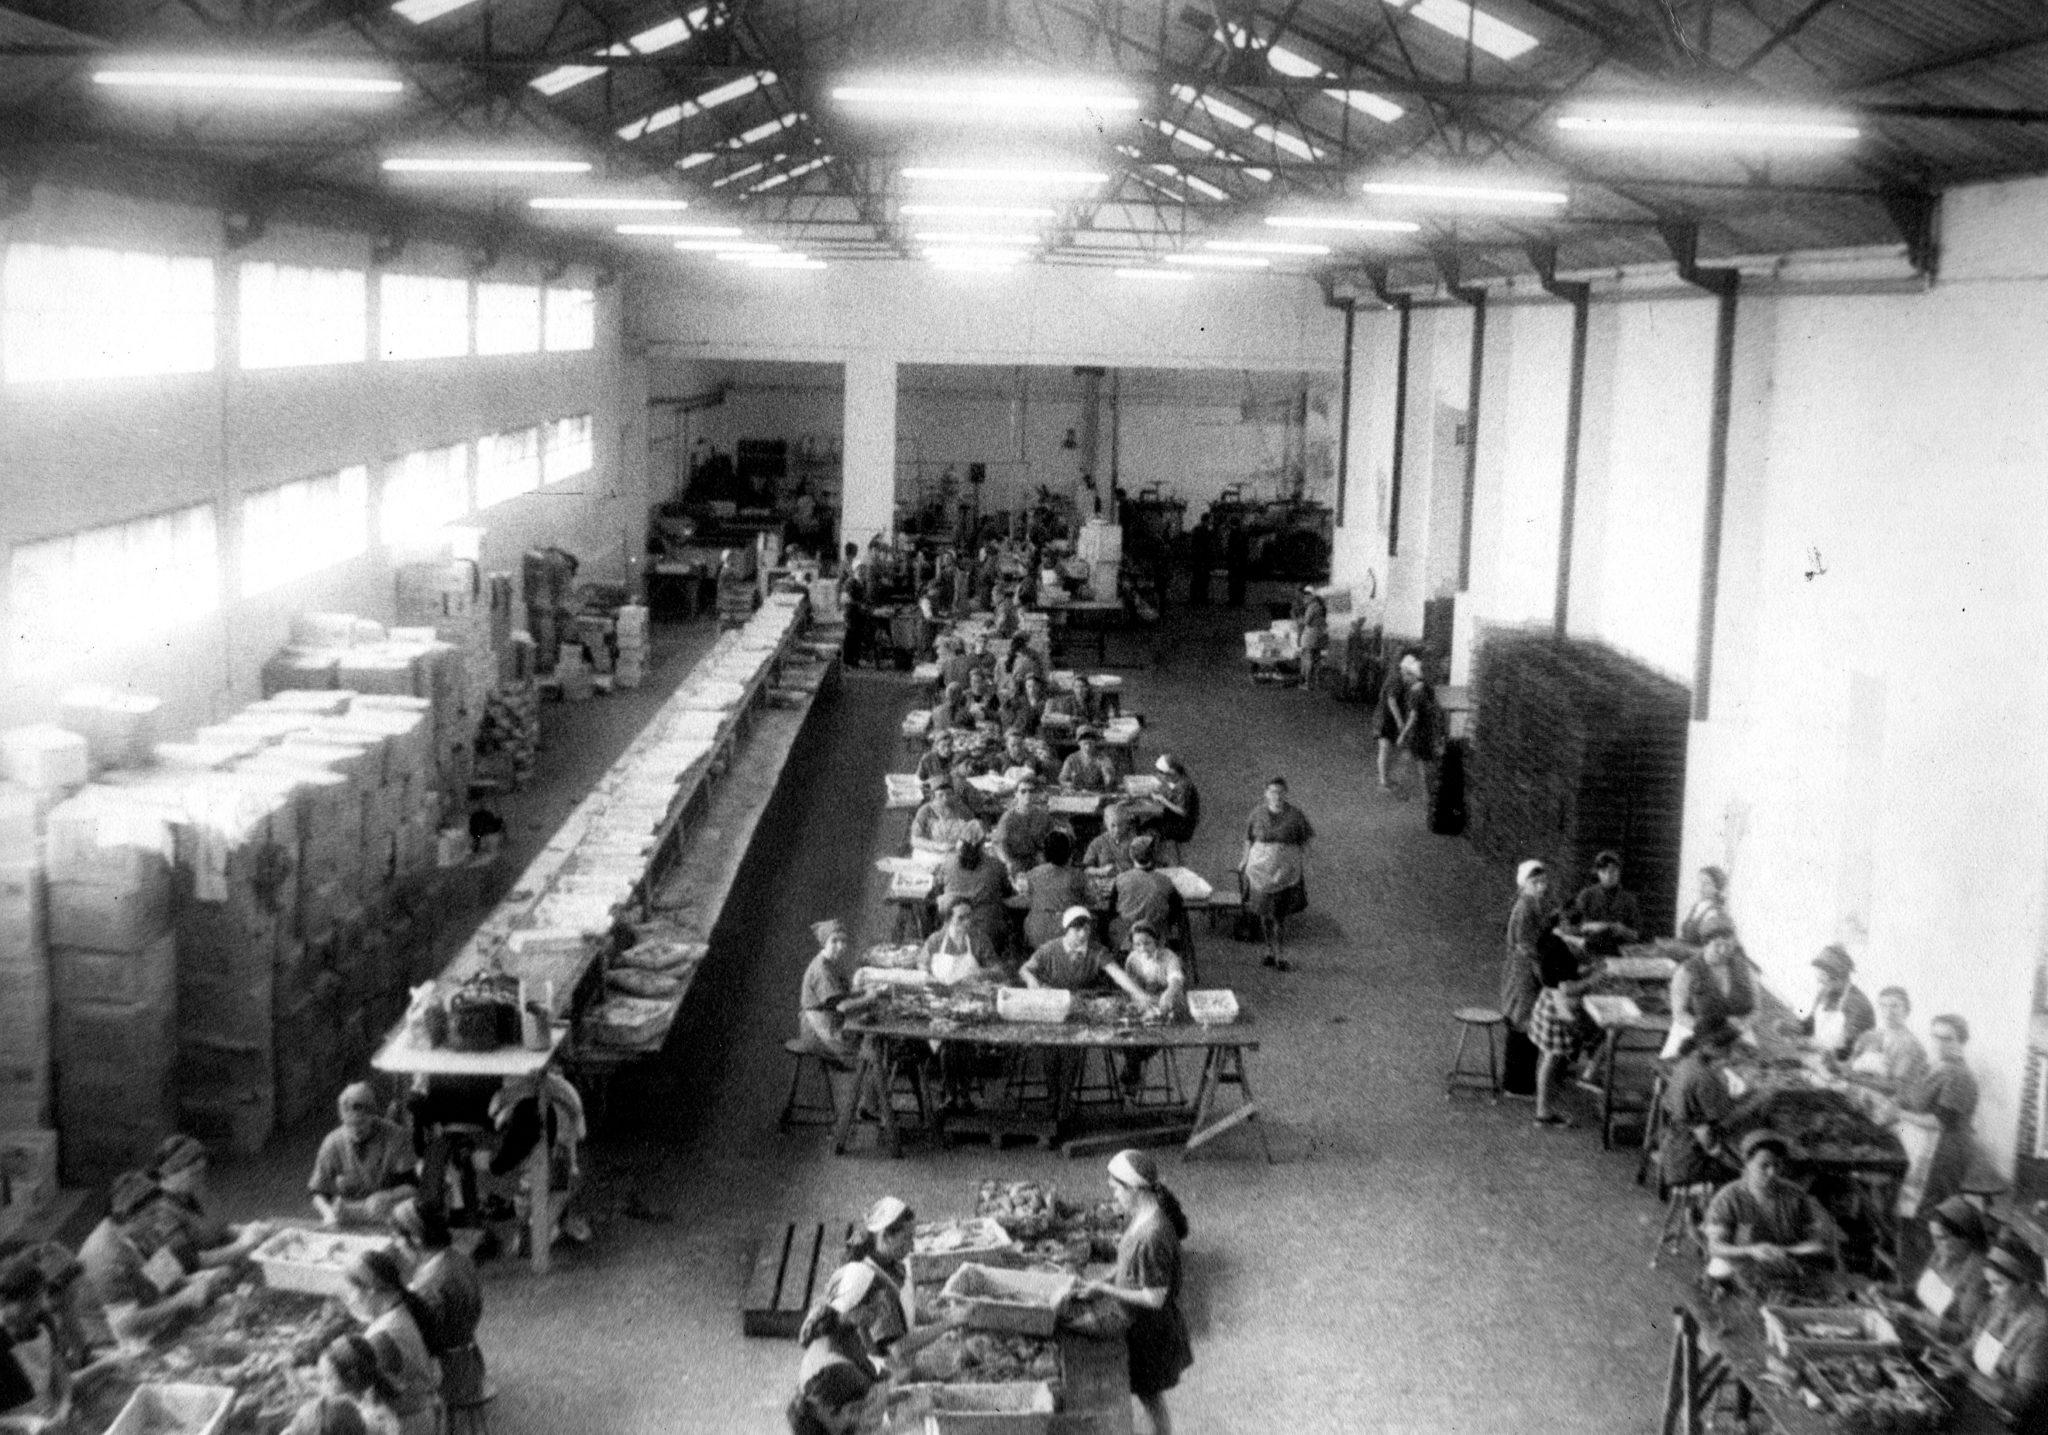 Fischfabrik vor 100 Jahren